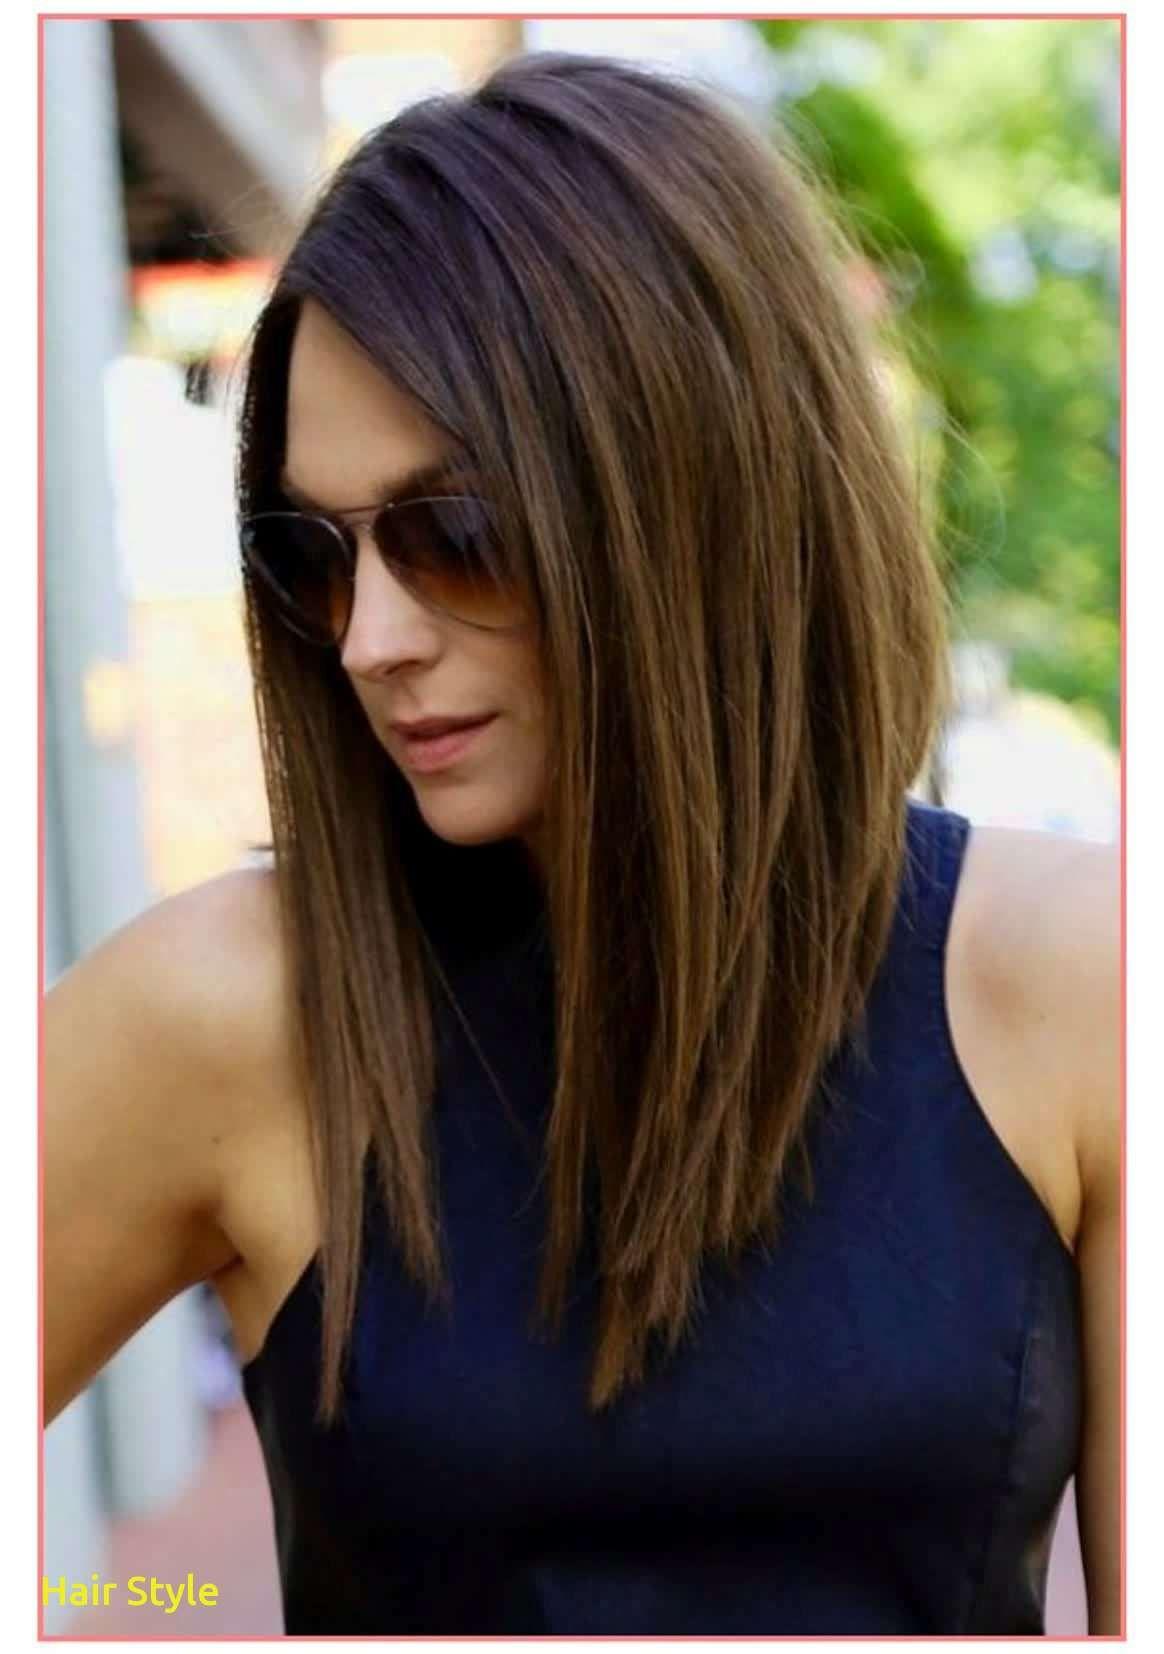 Luxus Sommer Haarschnitte 2019 Frauen Haare Trends 2019 Frisur